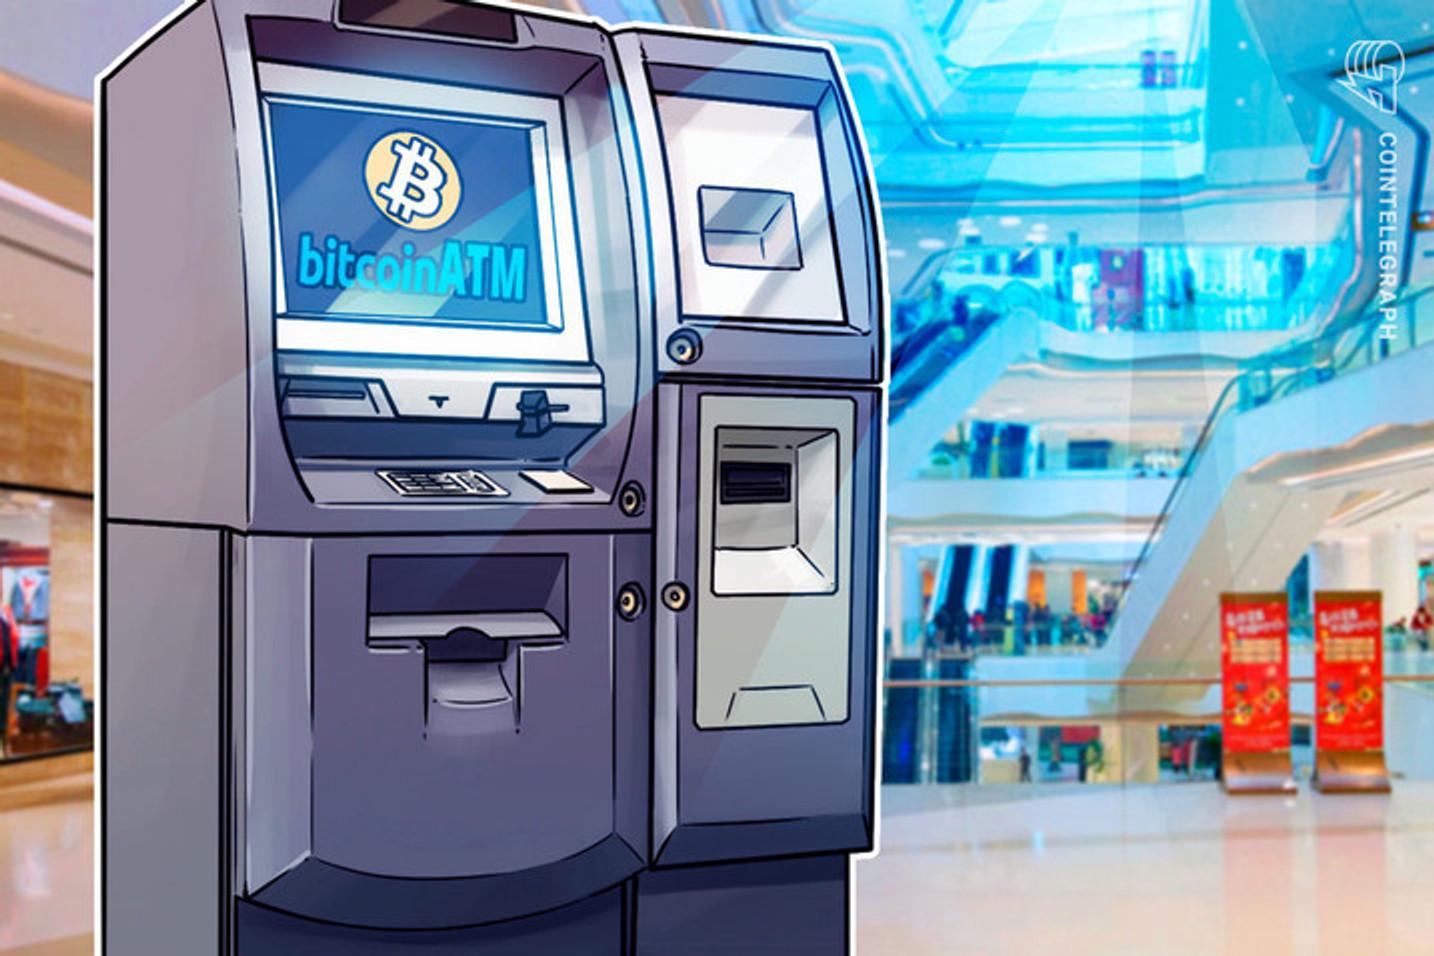 Brasil ganha mais 2 novos caixas eletrônicos de Bitcoin e número no mundo bate recorde de 19 mil ATMs